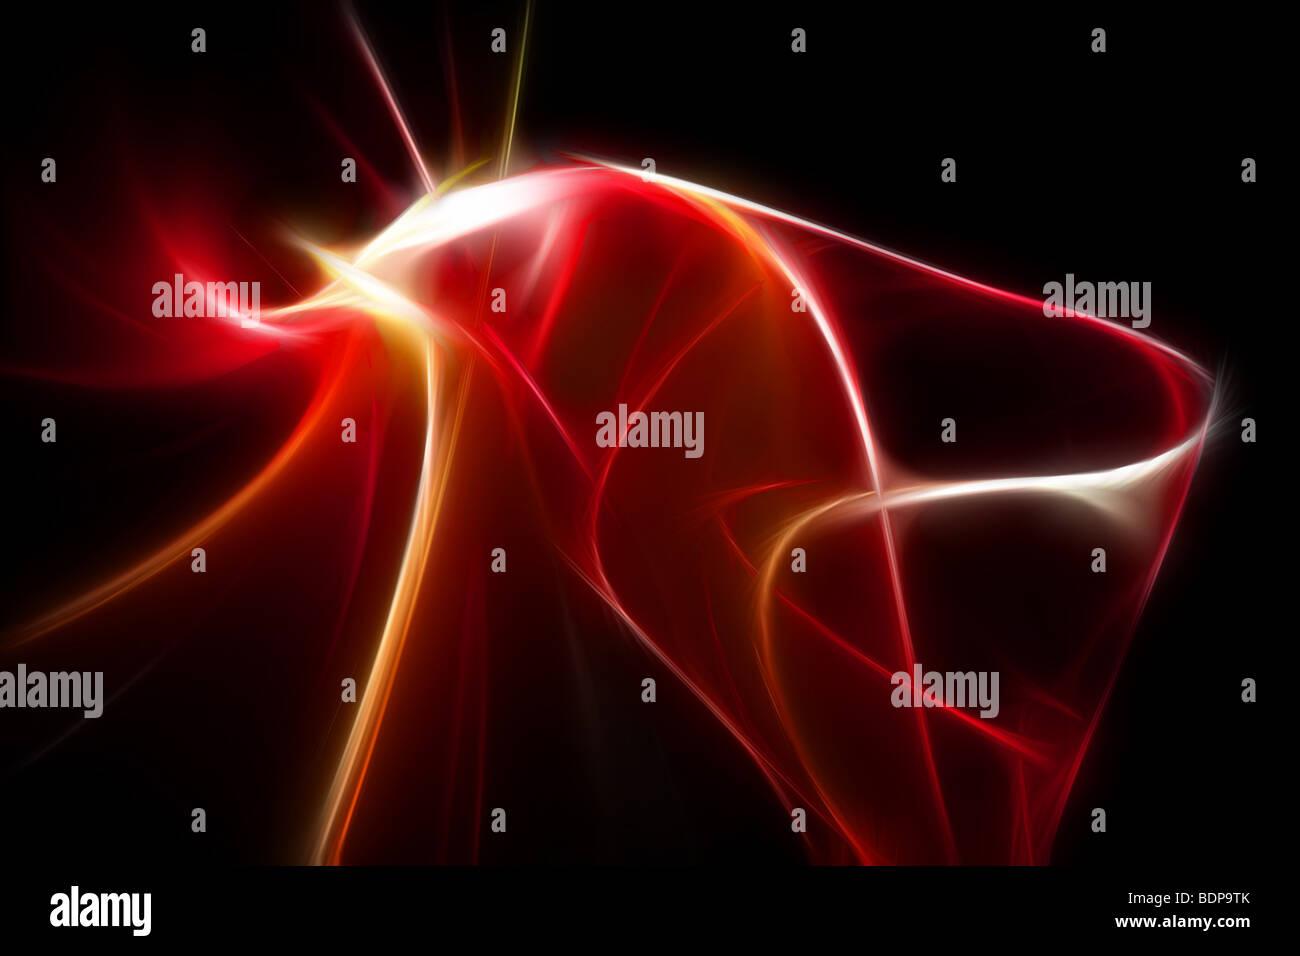 Abstrakt rot 3d illustration Stockbild